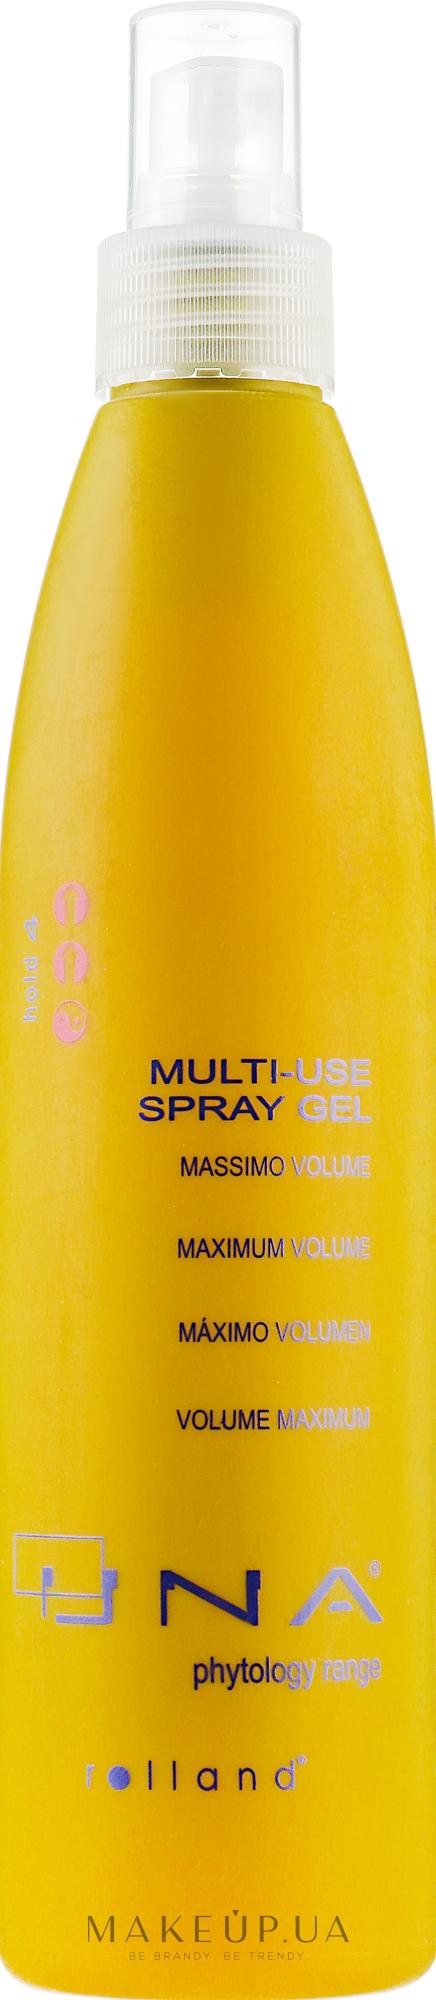 Мультифункціональний гель для укладання волосся - Rolland Una Multi-Use Spray Gel — фото 250ml